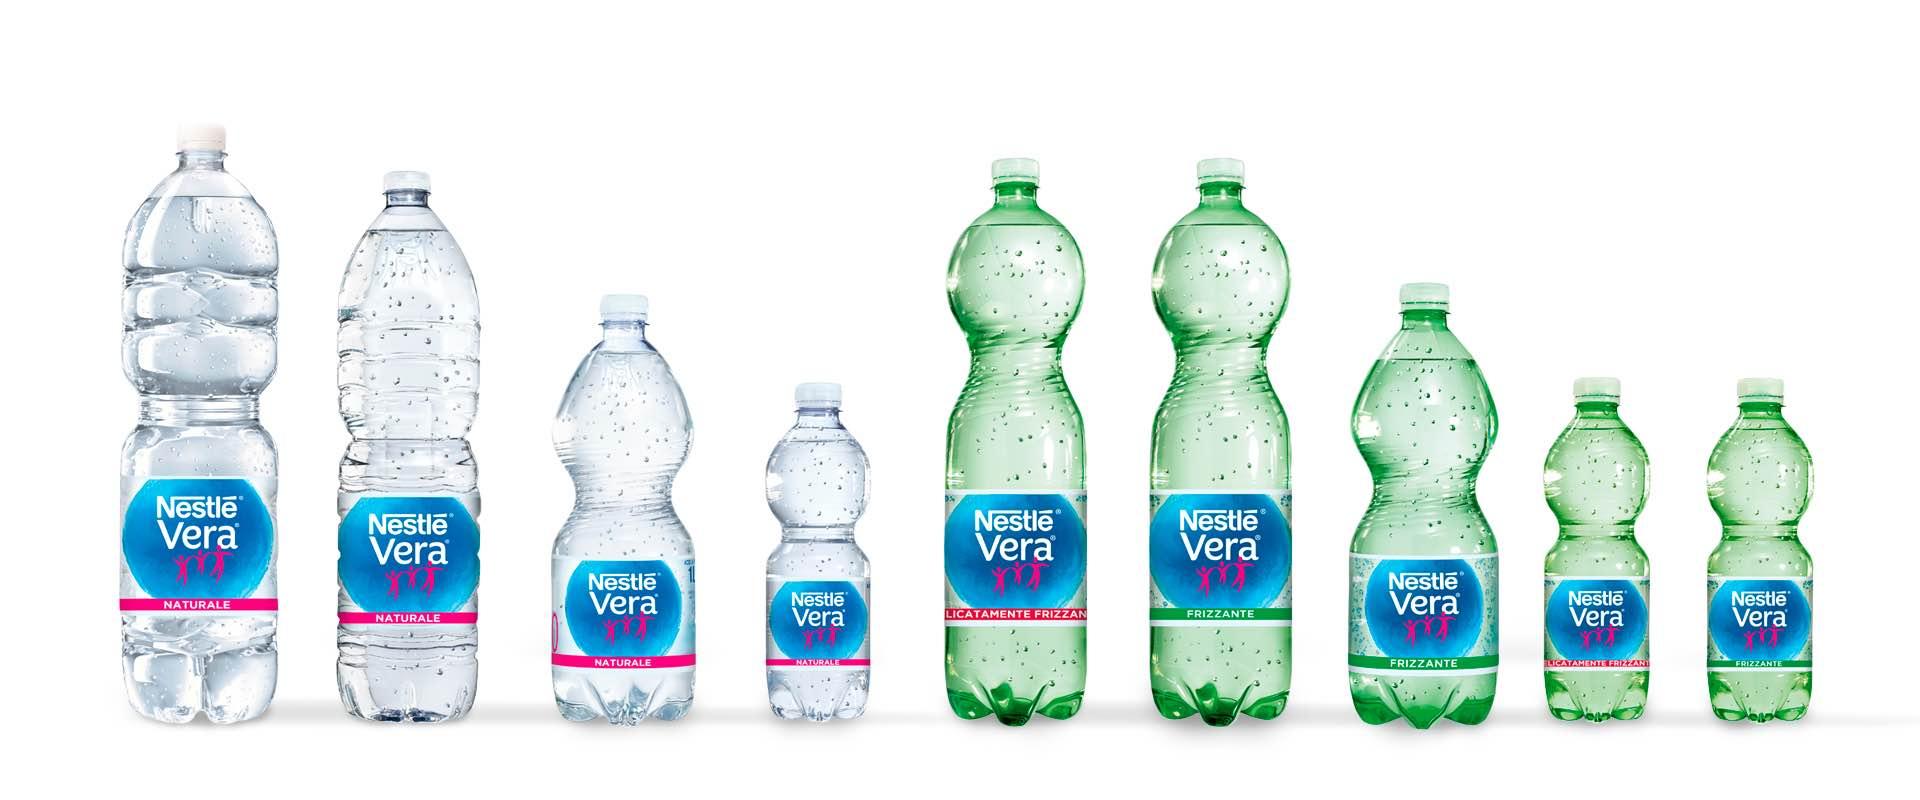 rilancio acqua Nestlé Vera gamma naturale e frizzante